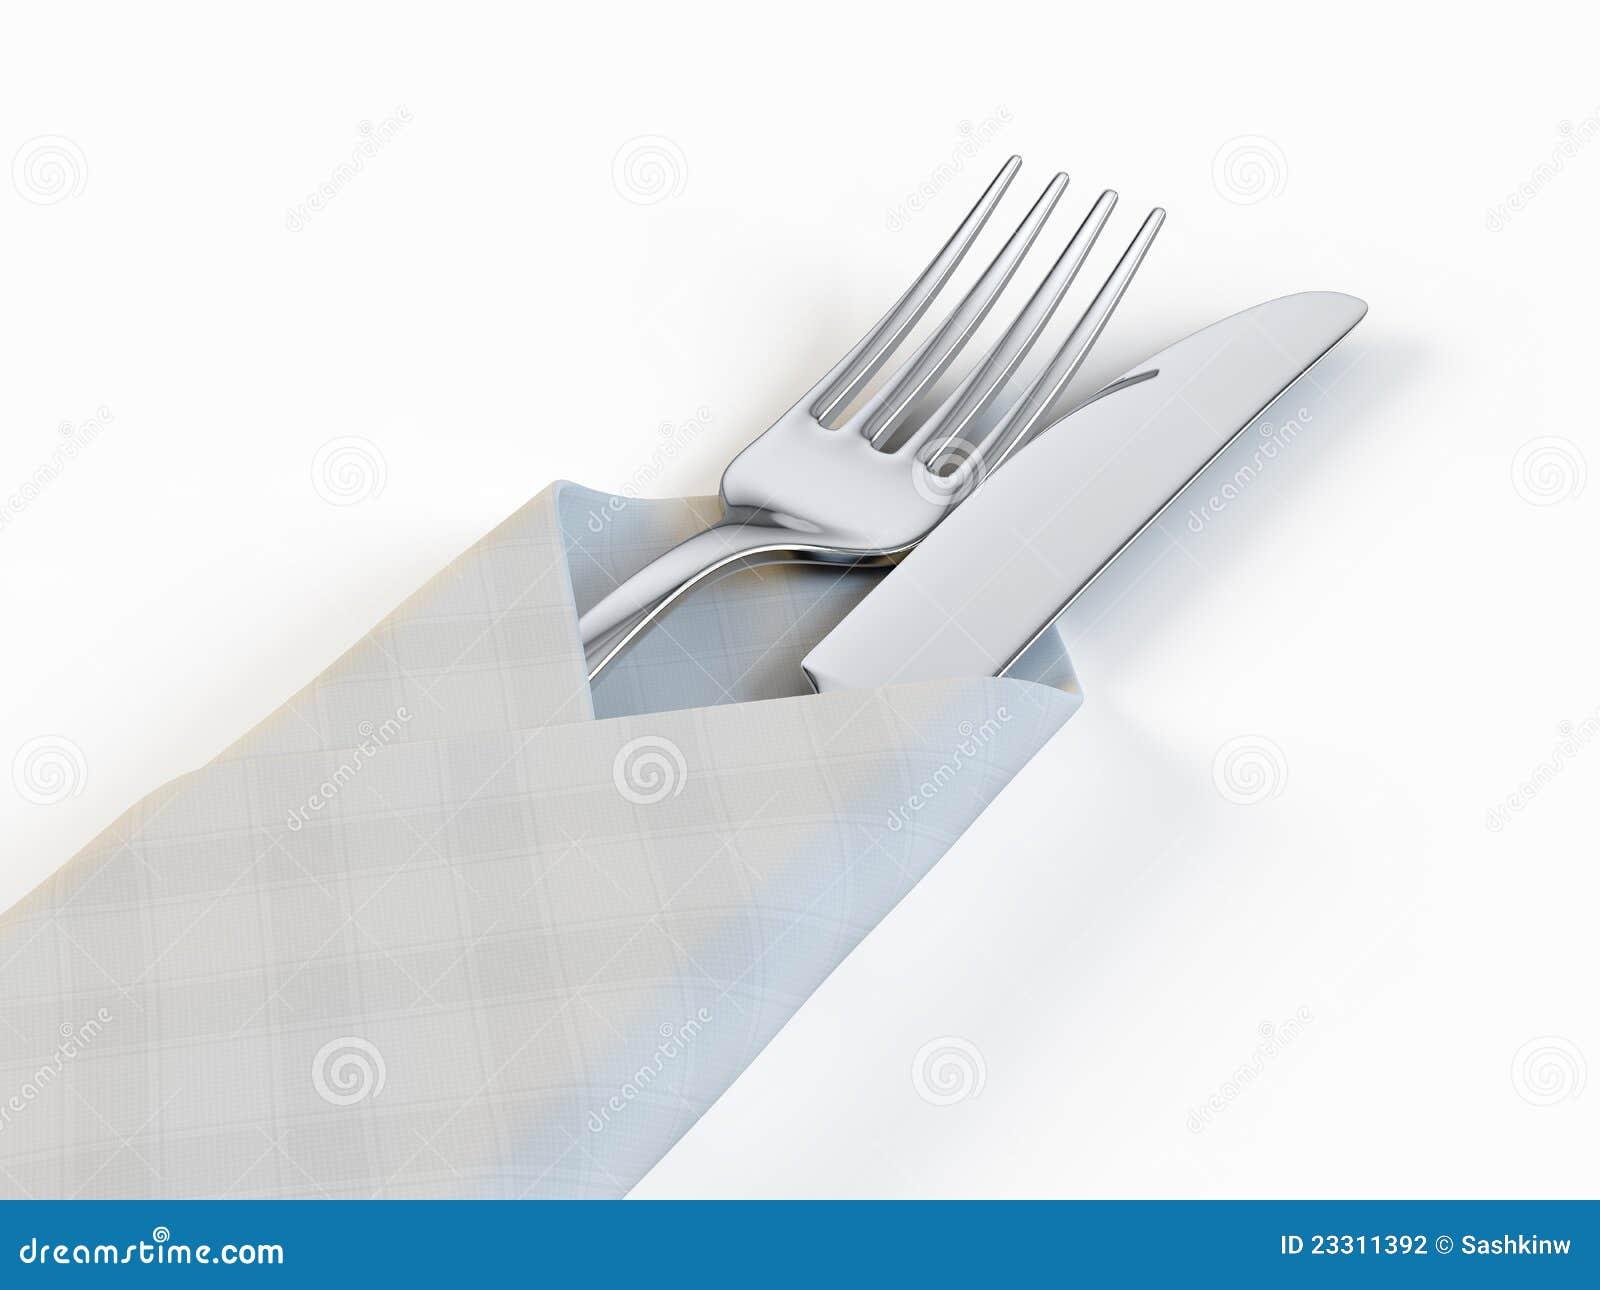 fourchette et couteau illustration stock illustration du domestique 23311392. Black Bedroom Furniture Sets. Home Design Ideas